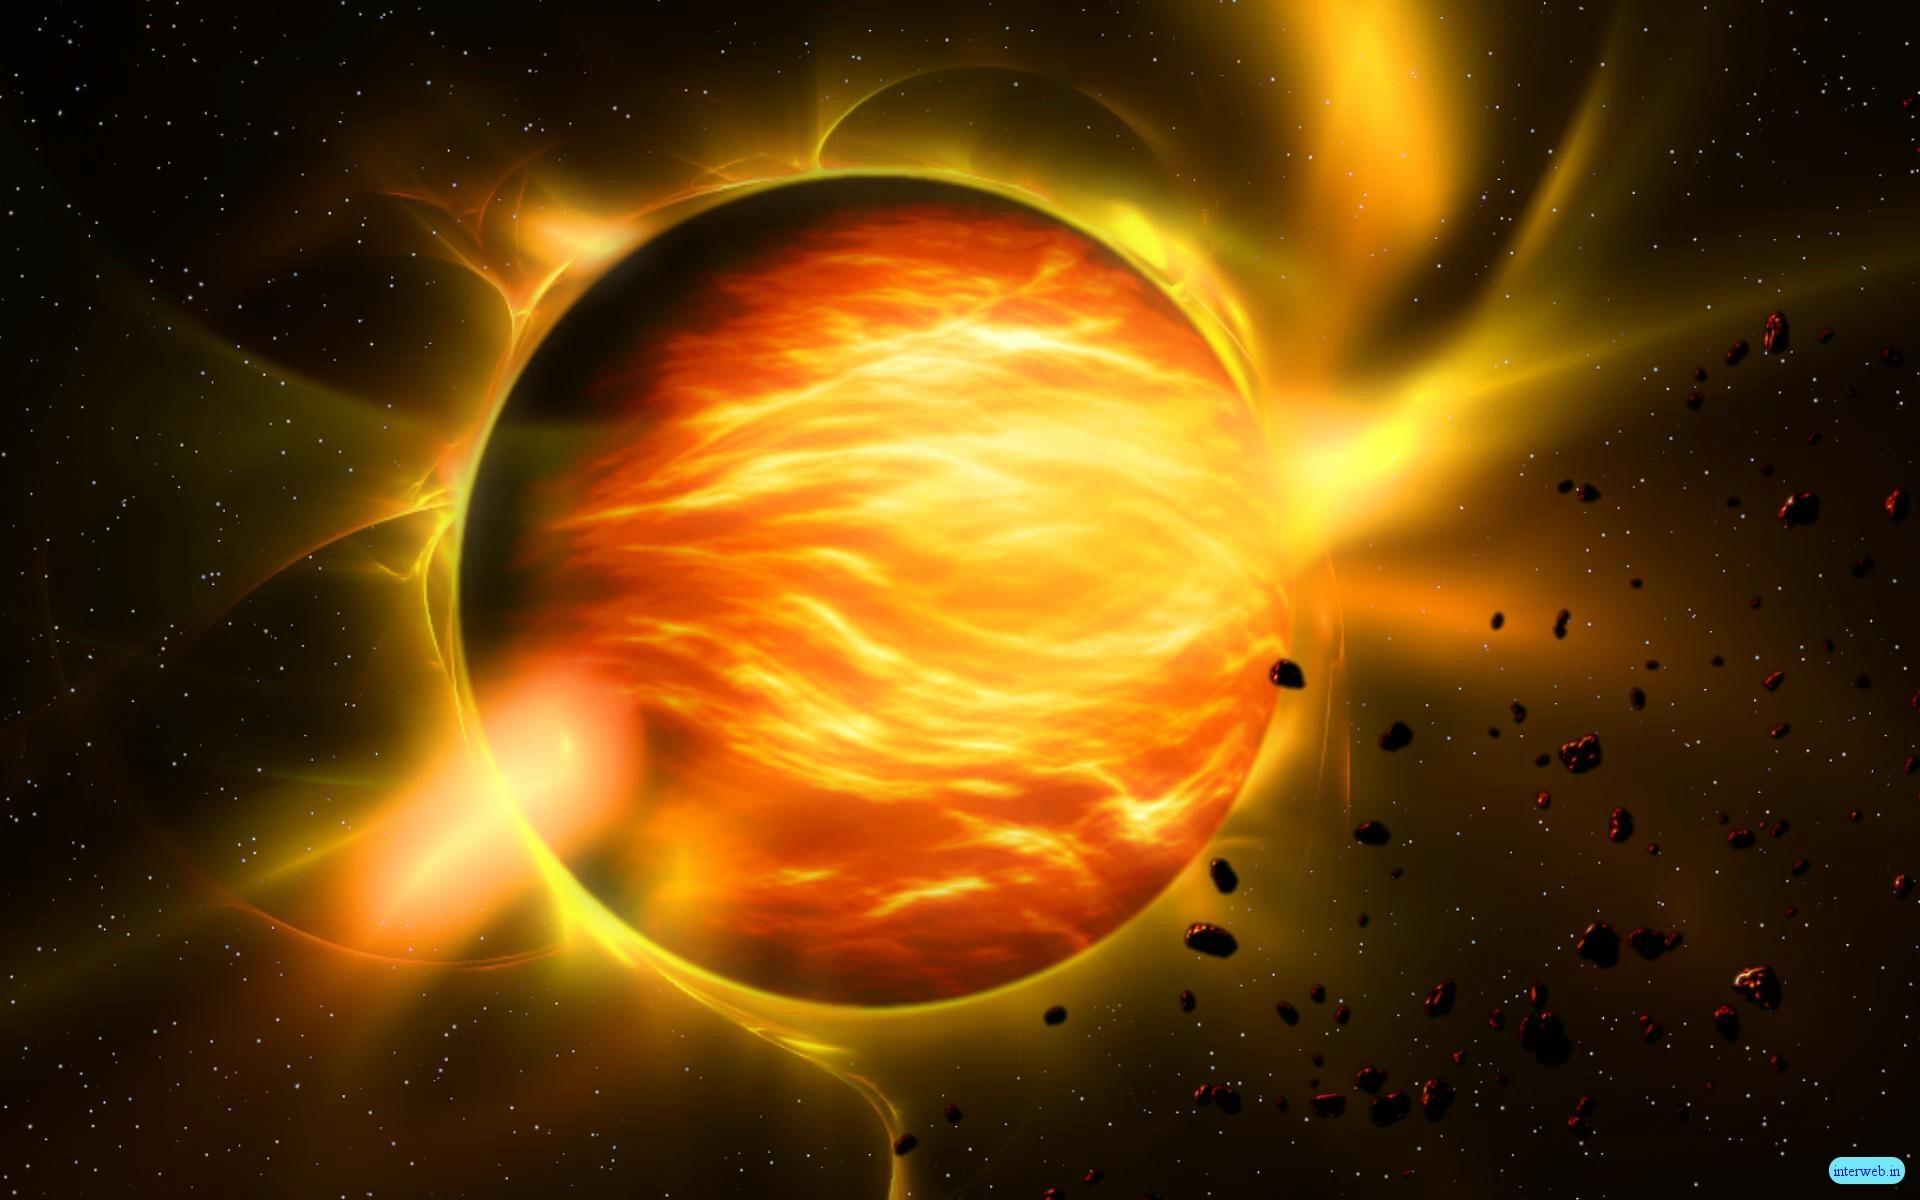 Hình nền màu vàng hành tinh tóe cực quang